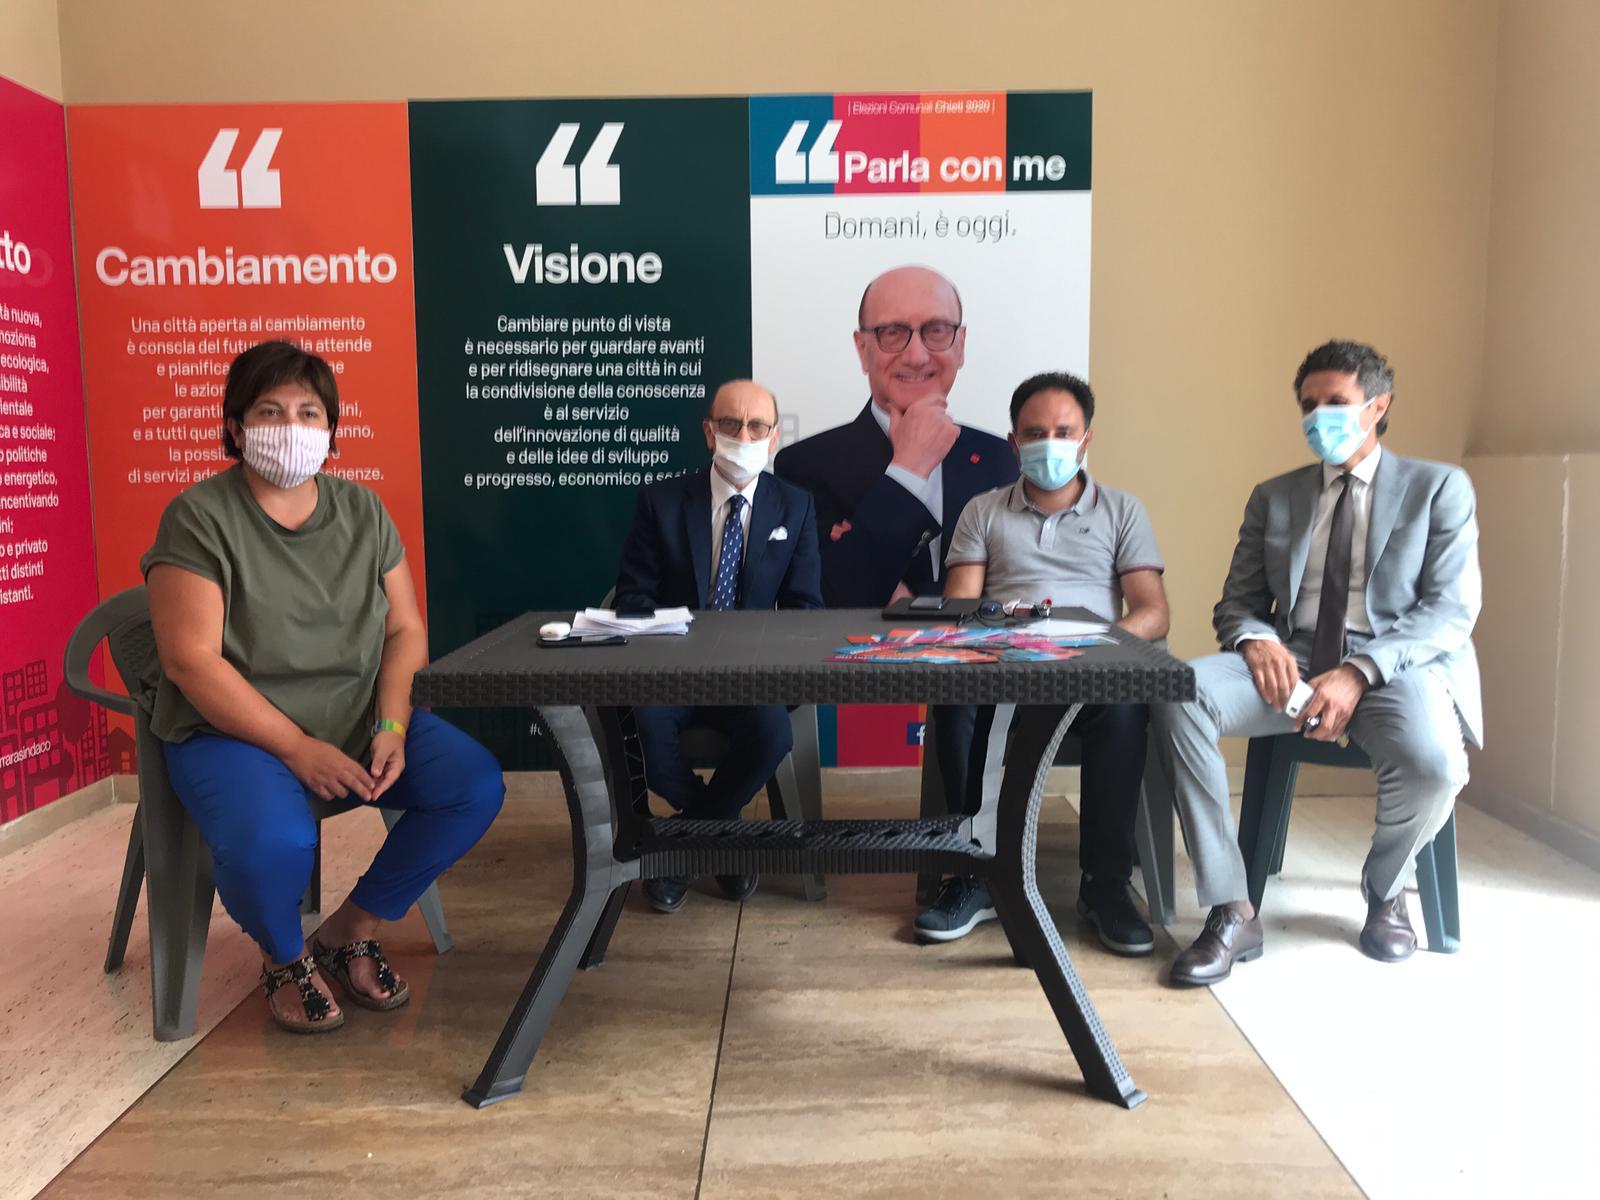 """Ferrara: """"Di Stefano promette 6 milioni per Chieti e intanto il suo governo regionale ne taglia altri 21, dopo i 30 milioni tolti all'ospedale"""""""